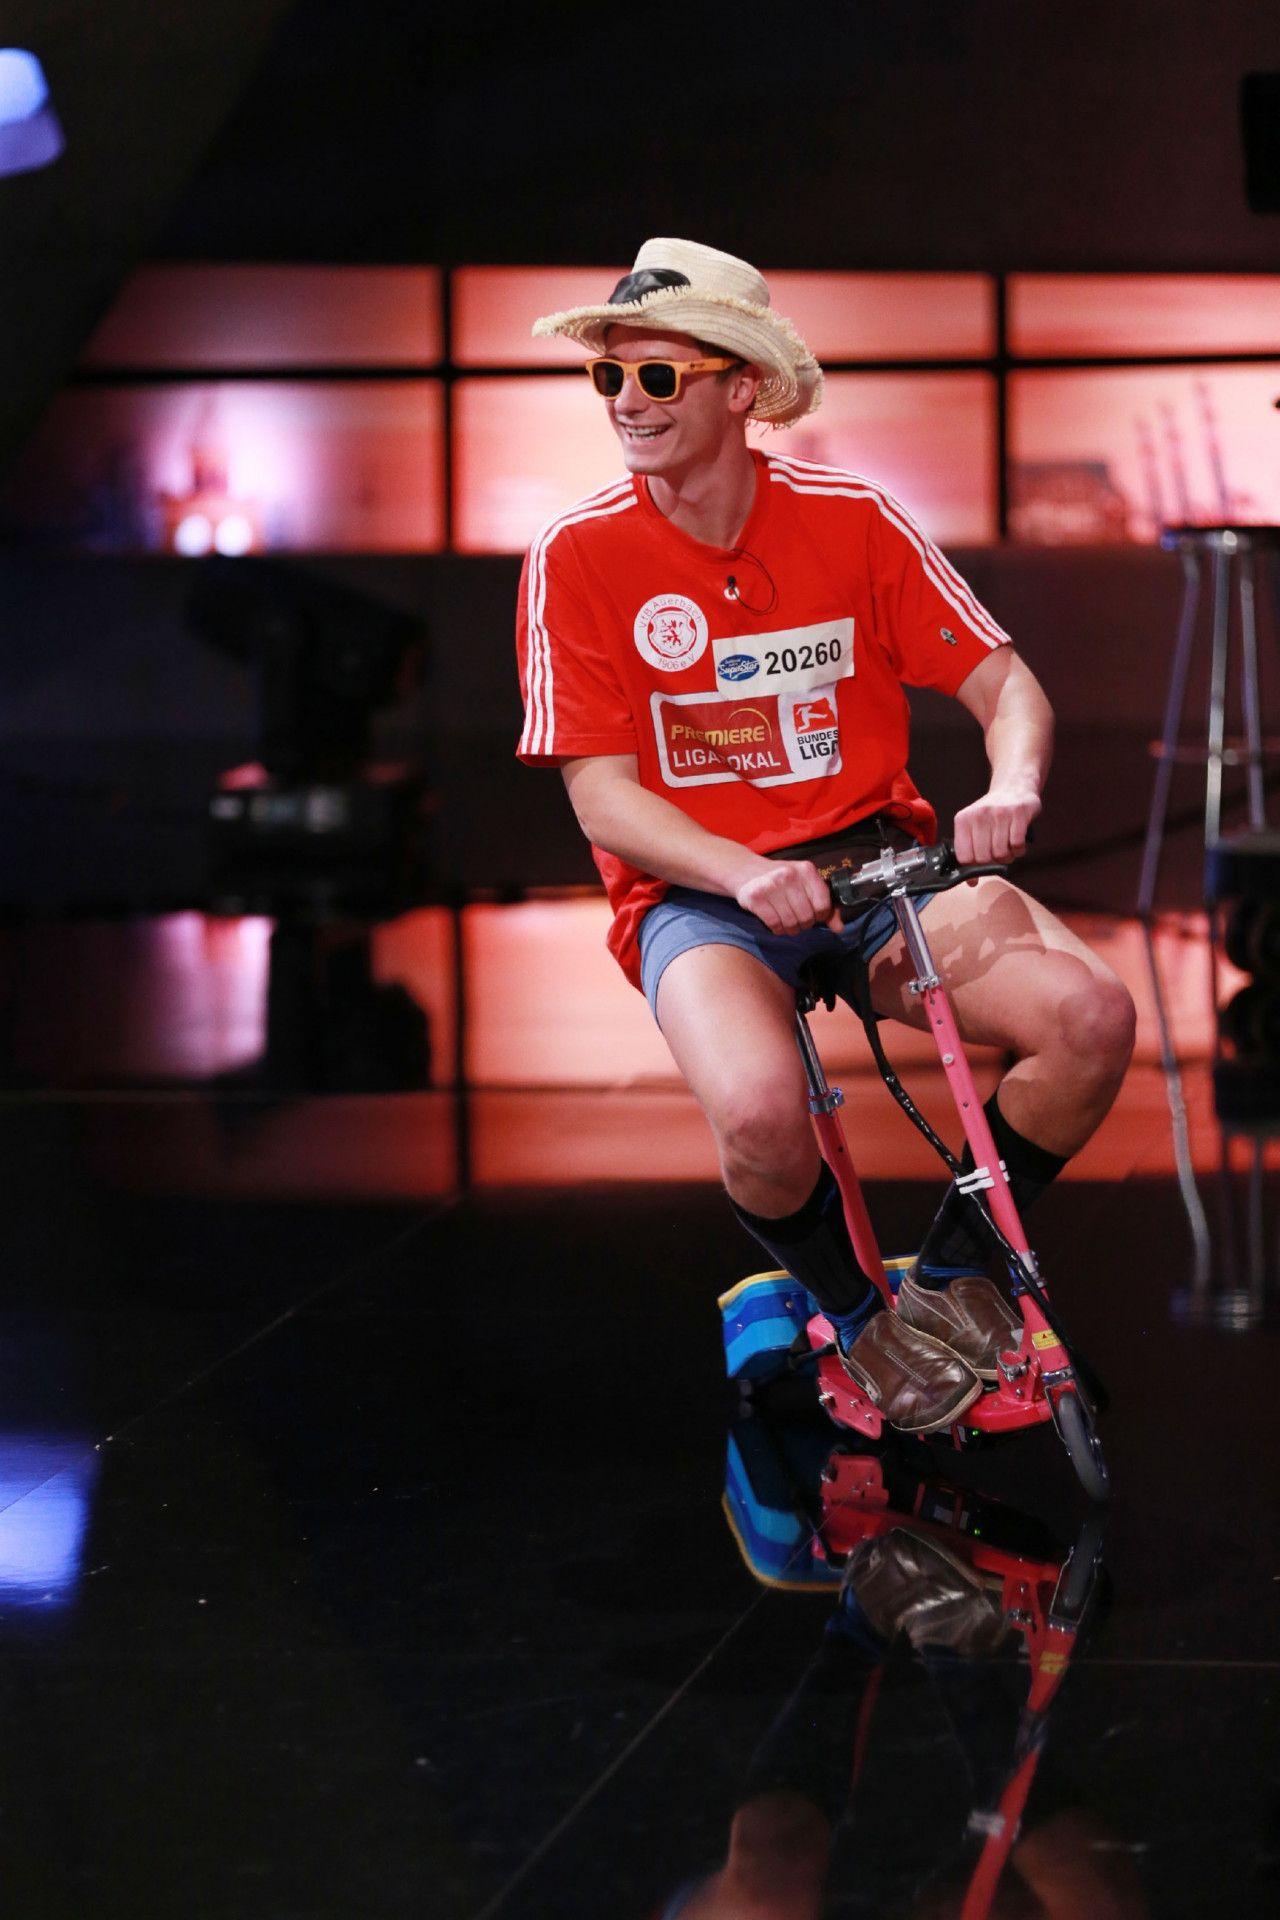 Mit dem Elektro Scooter kommt Chris vor die Jury gefahren.